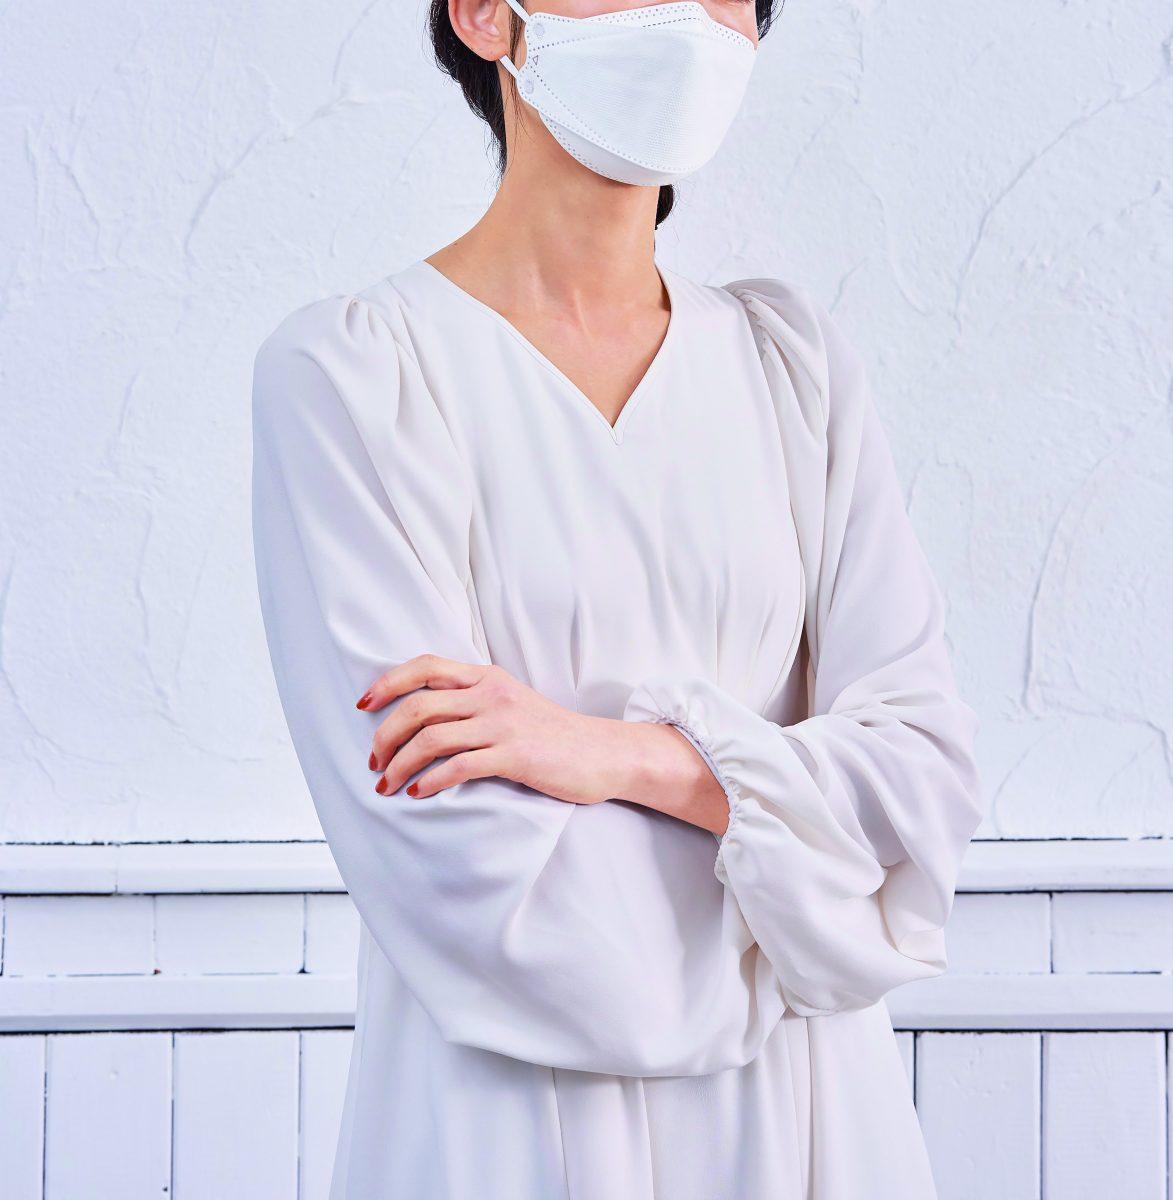 4層構造不織布立体マスク5 枚入(ホワイト)